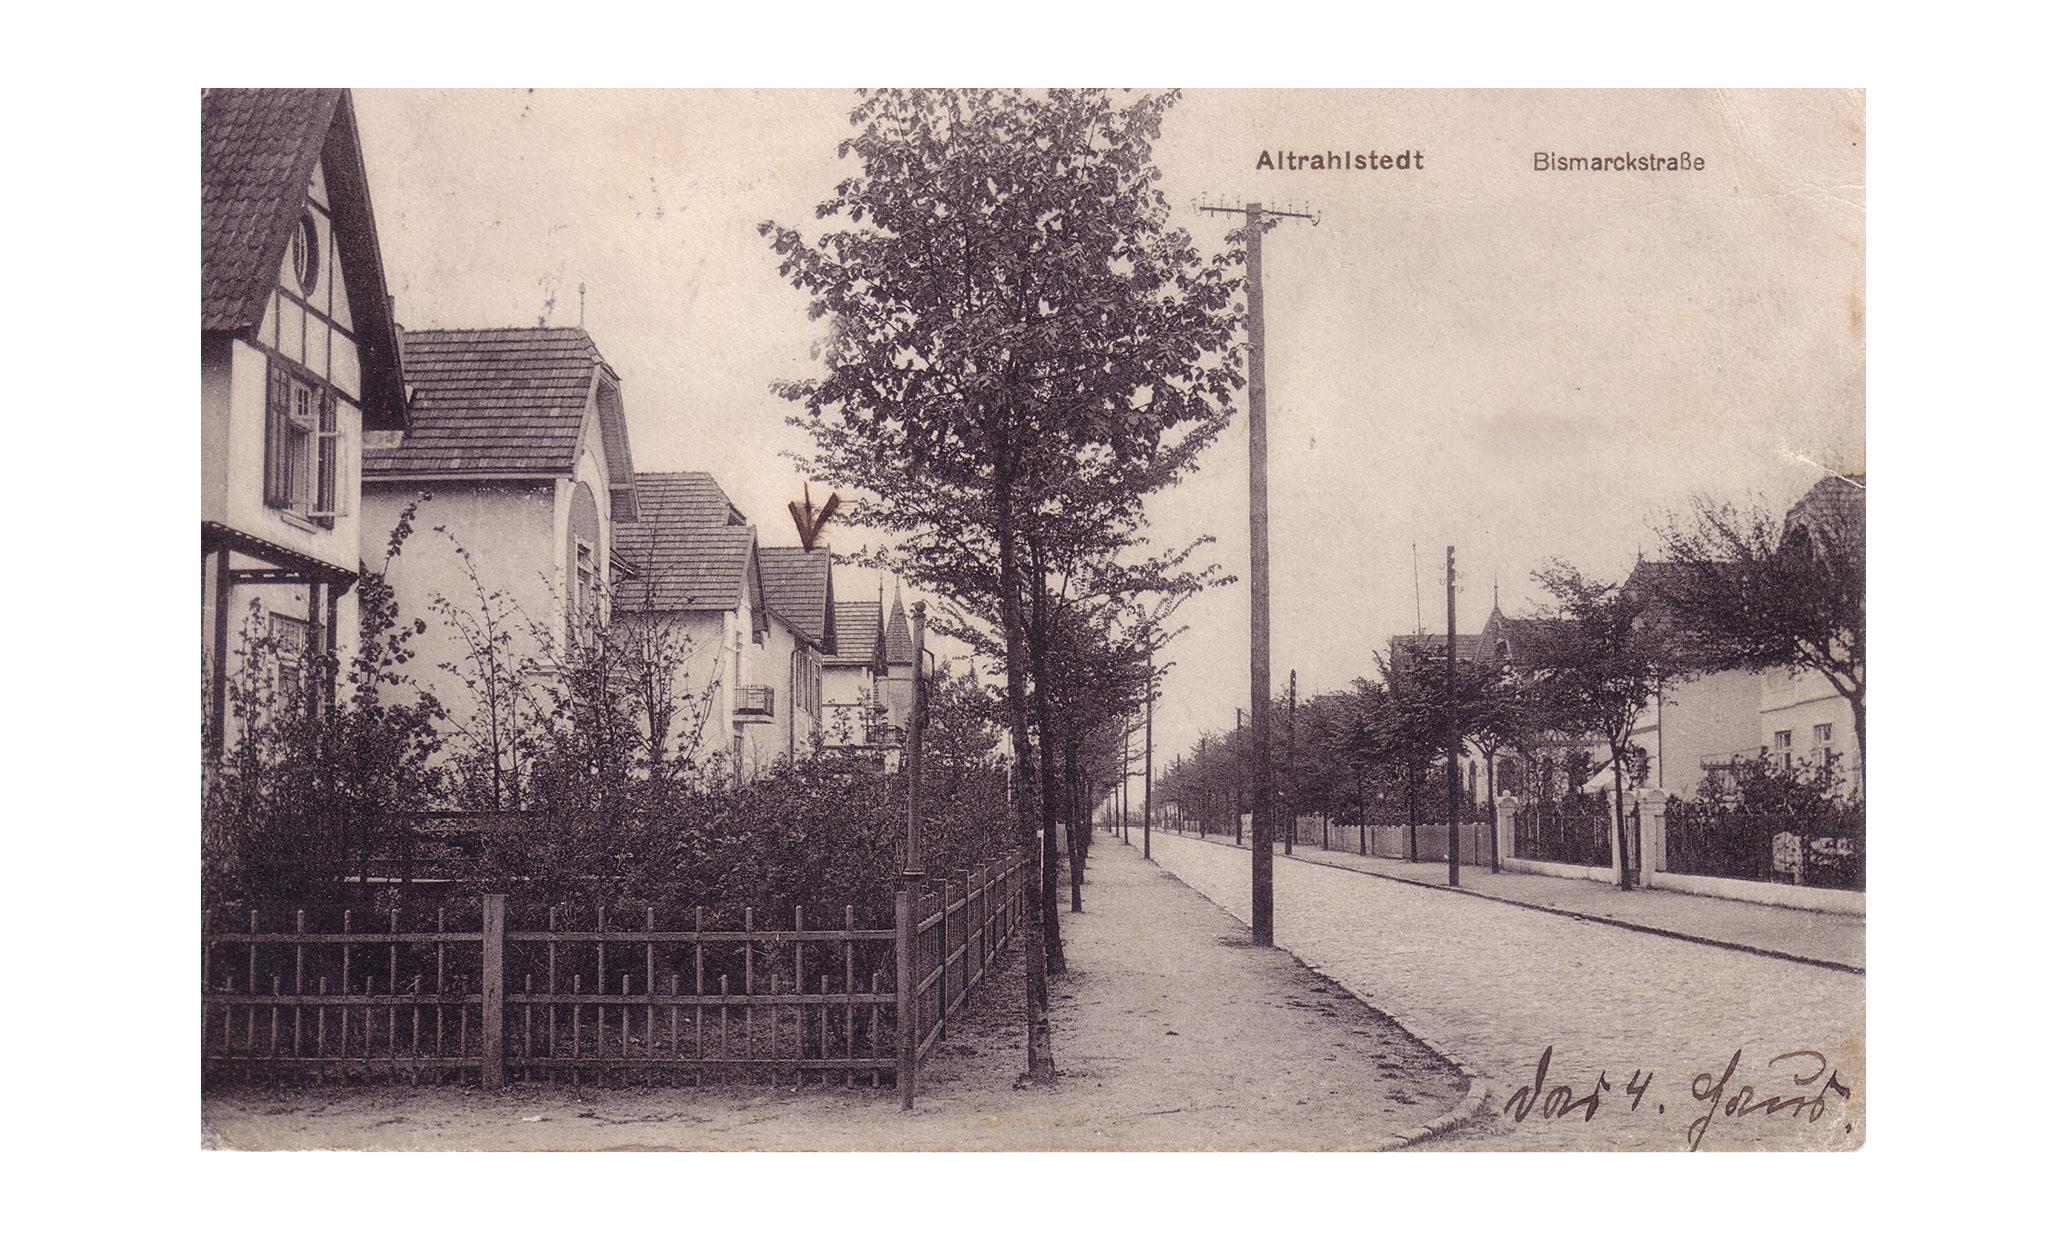 Altrahlstedt Paalende Bismarckstraße historische Villenbebauung